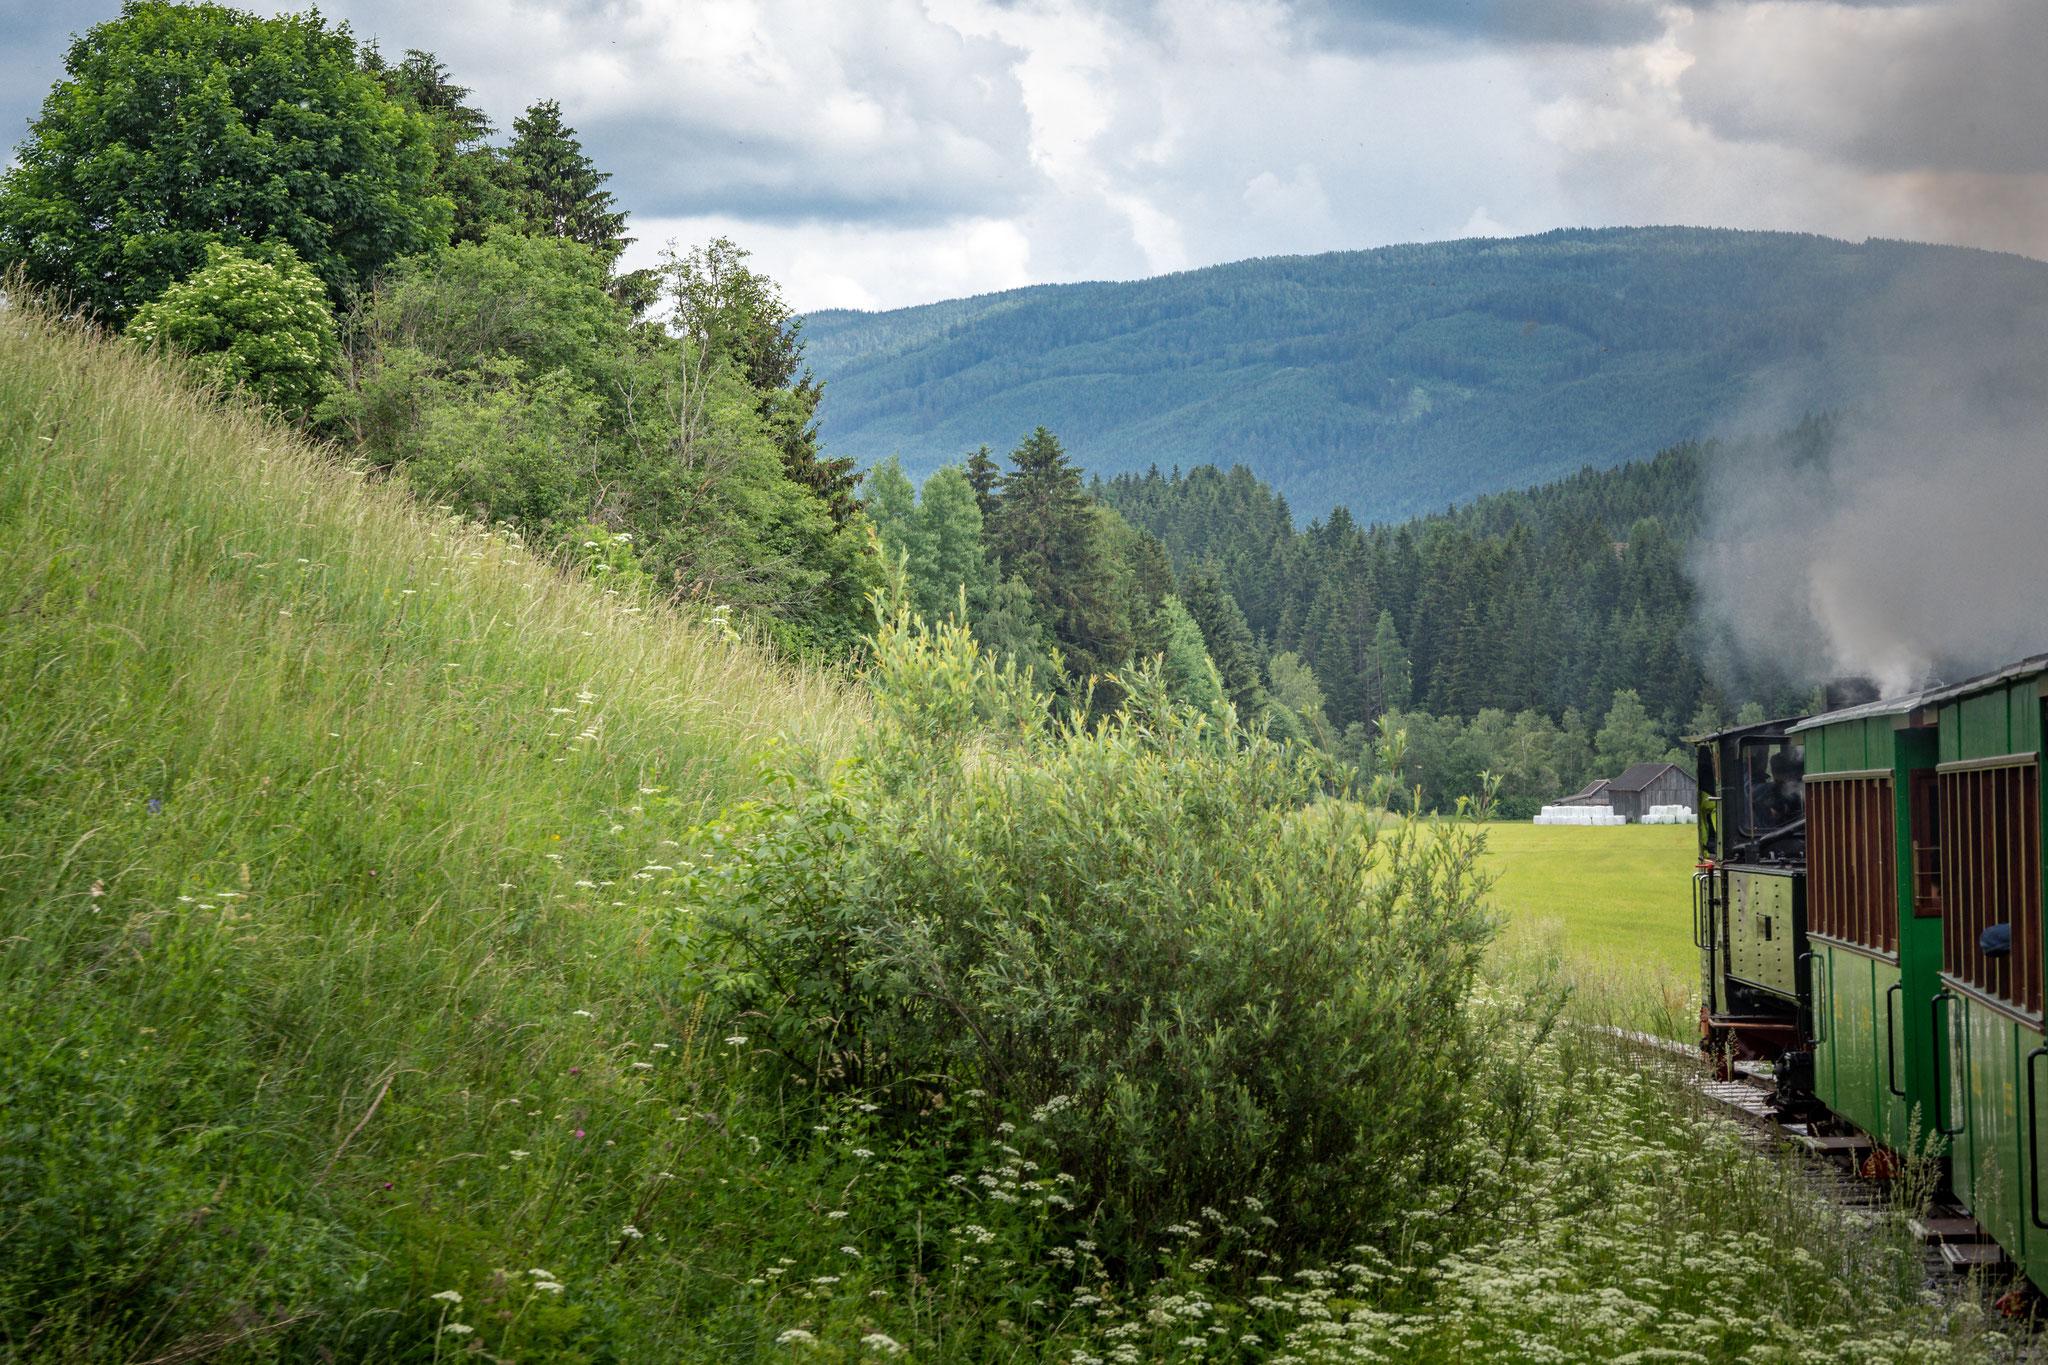 Es schnaubt und zischt, wenn die Schmalspurbahn auf nur 760 mm breiten Schienen schwankend und ruckelnd mit Volldampf von Mauterndorf nach St. Andrä fährt.